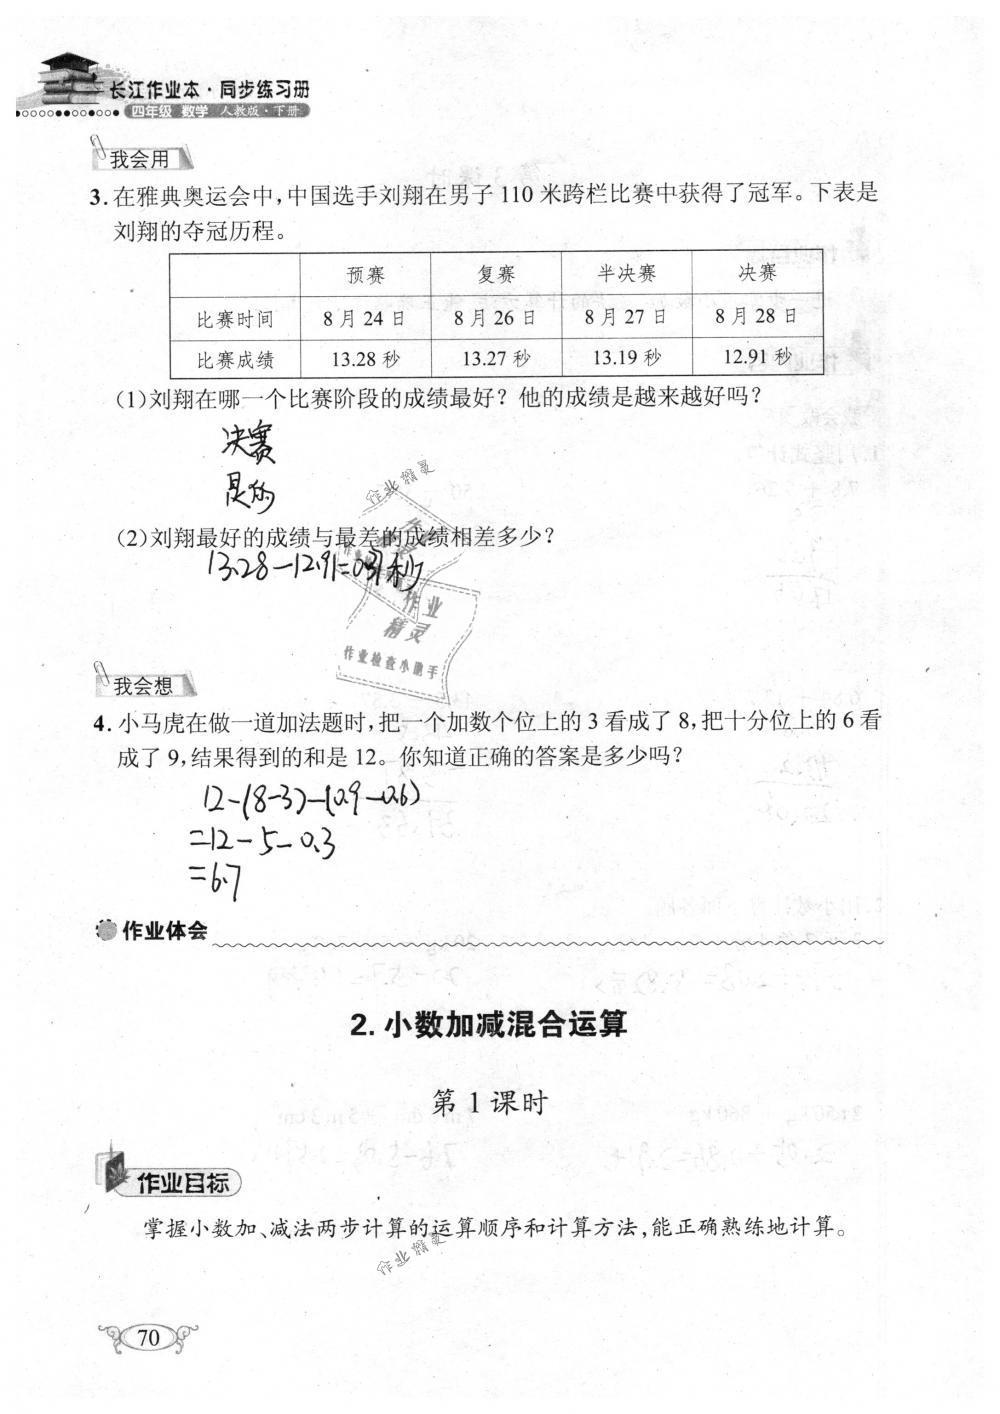 2019年长江作业本同步练习册四年级数学下册人教版参考答案第70页